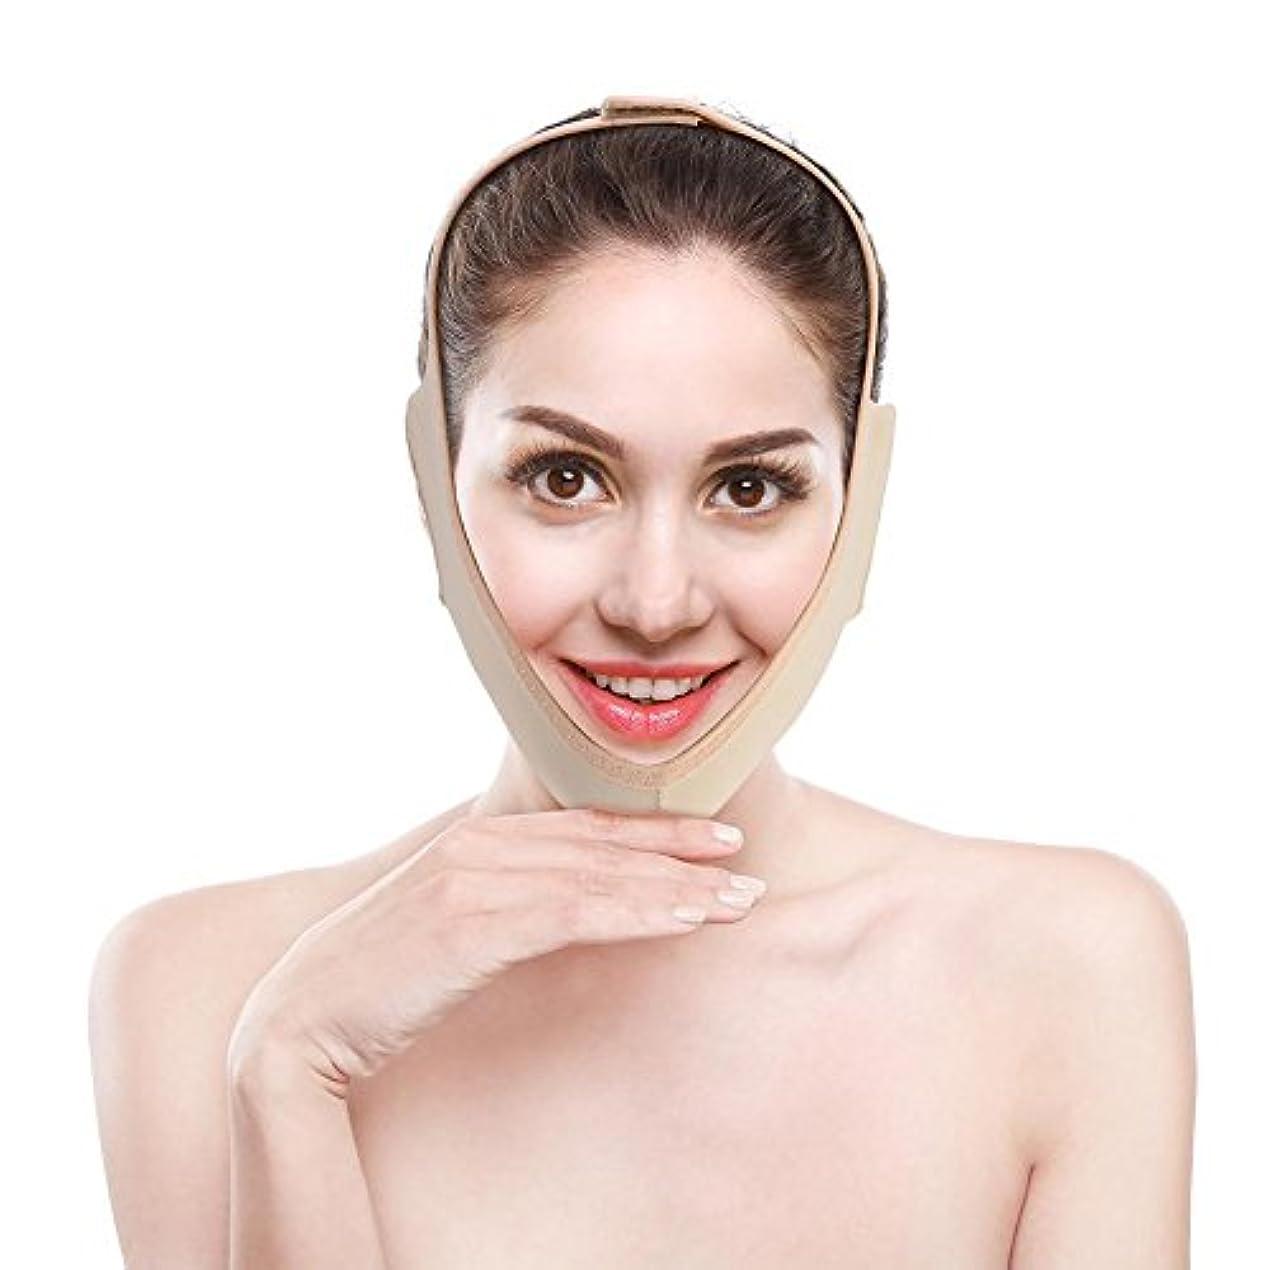 本当のことを言うと安全でない可聴顔の輪郭を改善するVフェイス包帯、フェイスリフト用フェイスマスク、通気性/伸縮性/非変形性(M)